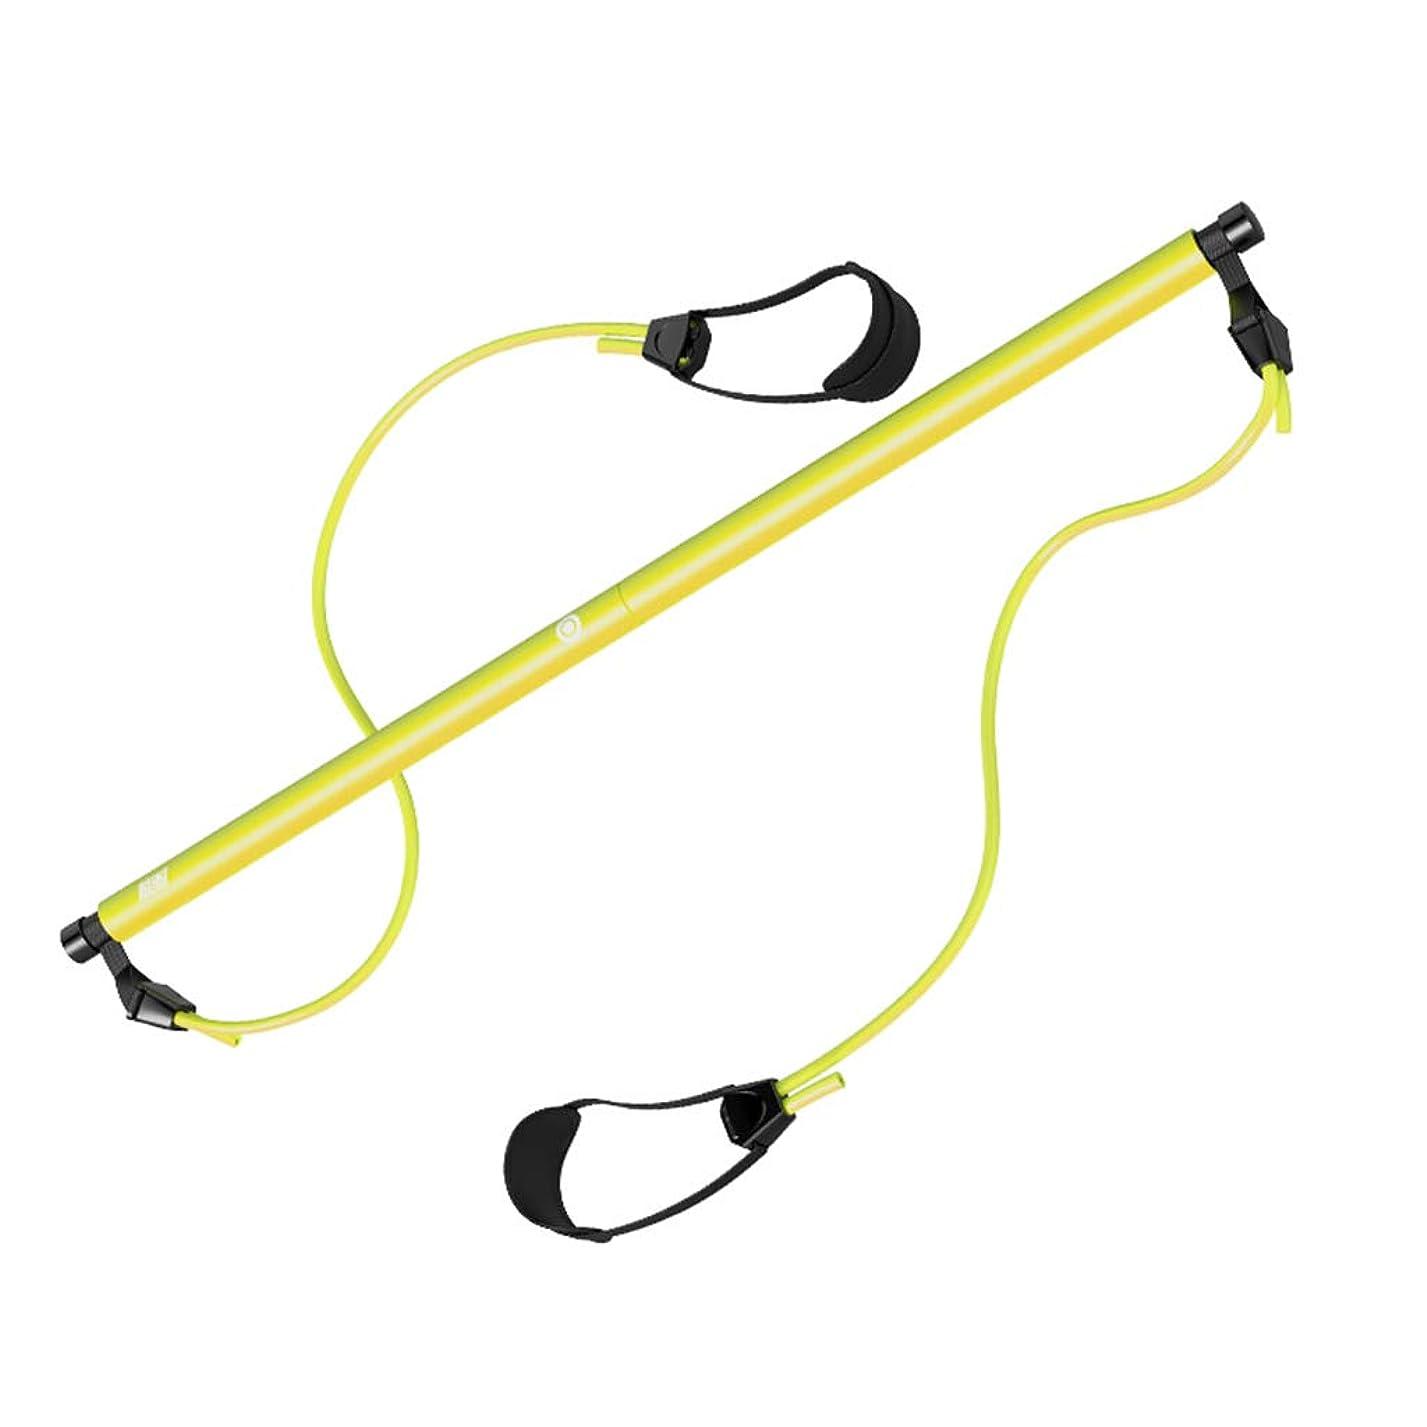 バー政治的トレーニングホーム多機能ラリーフィットネス機器薄い腹の女性の弾性バンド弾性ロープの男性 (色 : イエロー いえろ゜)